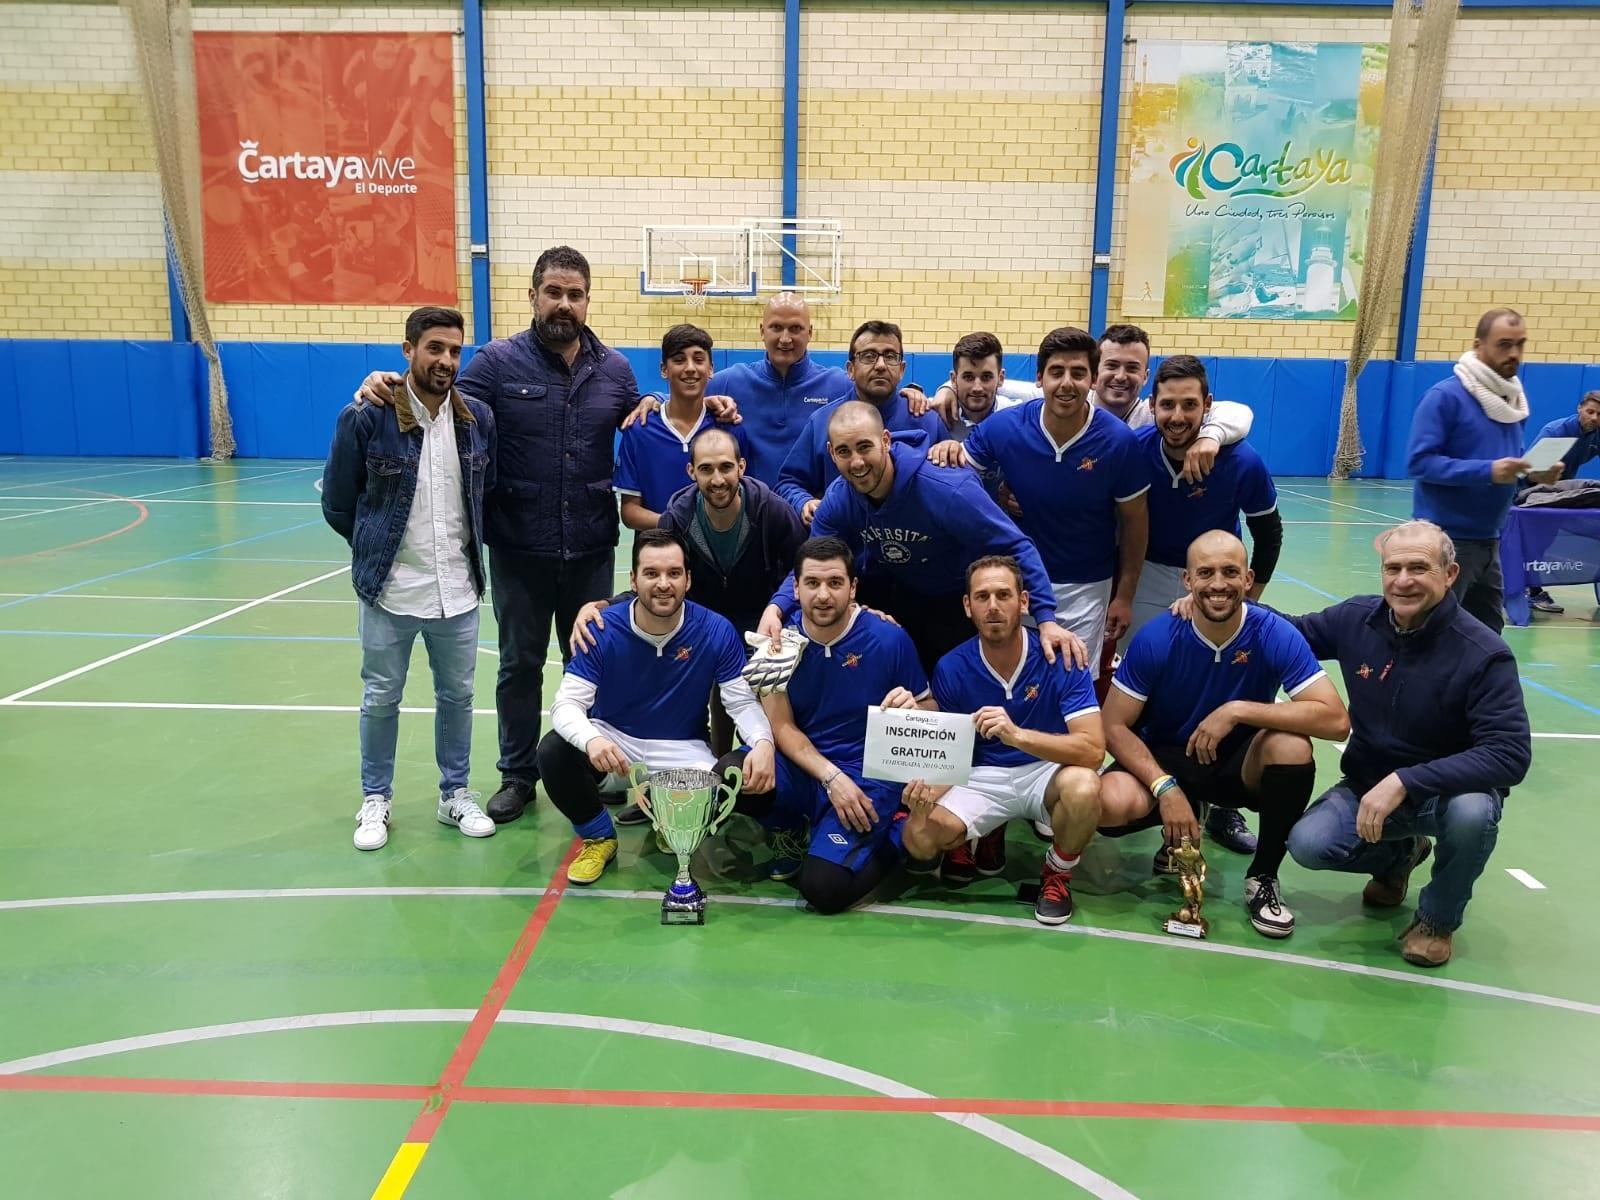 Equipo ganador del Campeonato de Invierno de Fútbol Sala 2018-2019